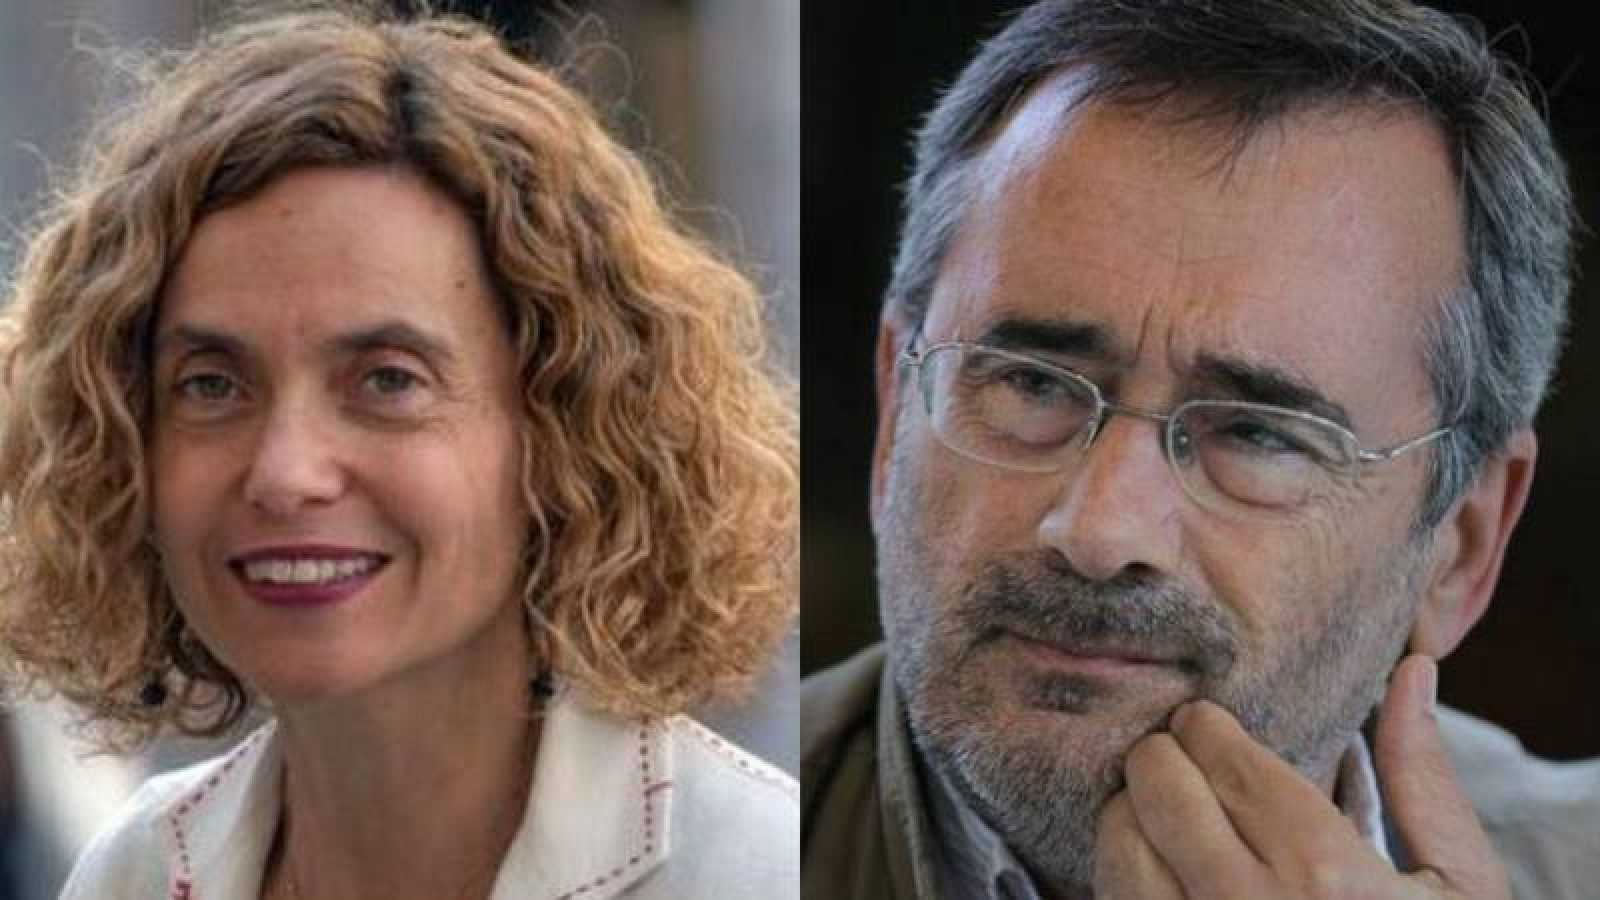 Batet y Cruz, dos catalanes federalistas para presidir las Cortes